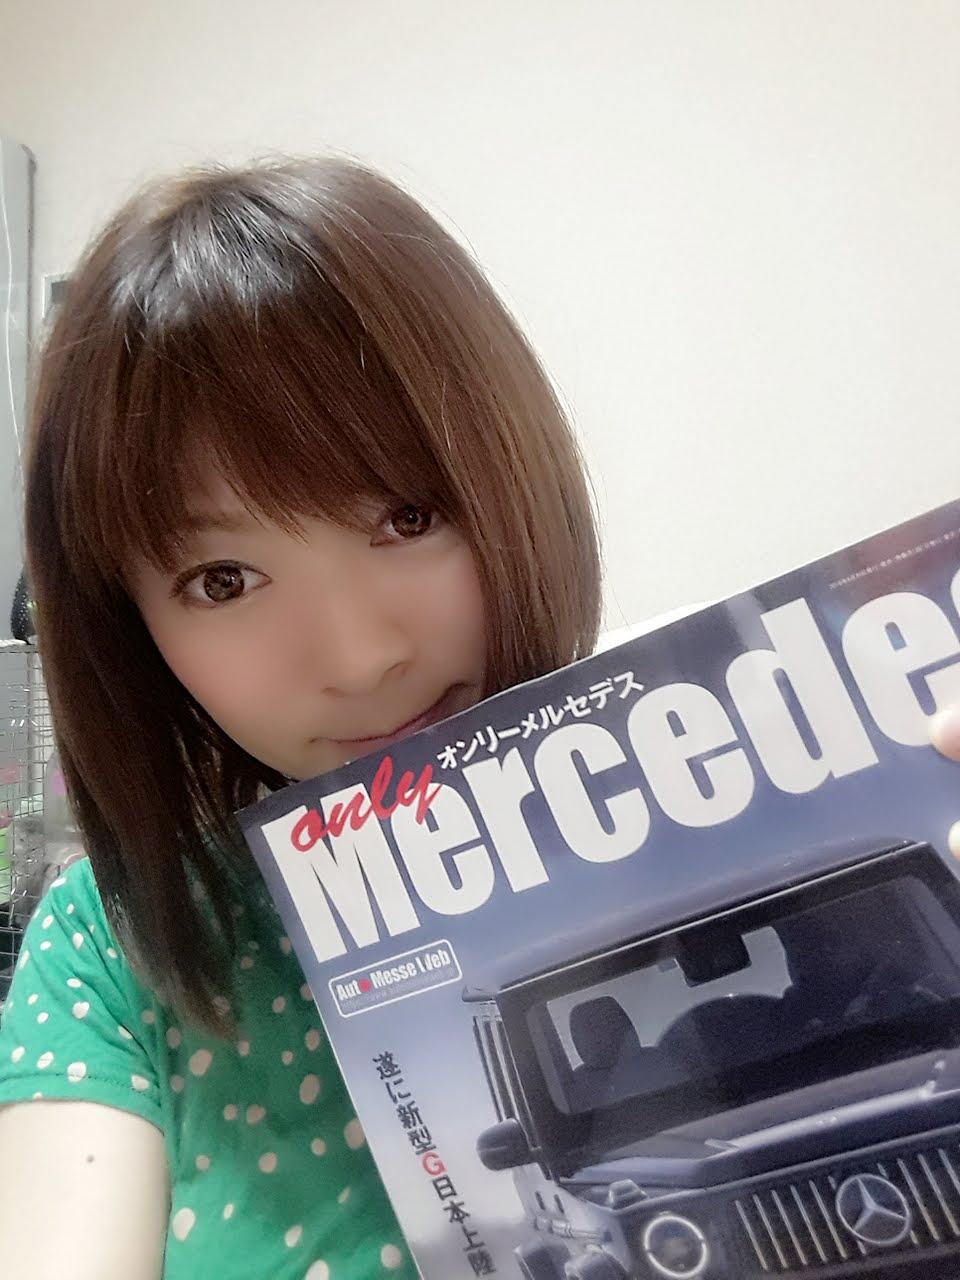 オンリーメルセデス 2018年 08 月号 が発売されました。